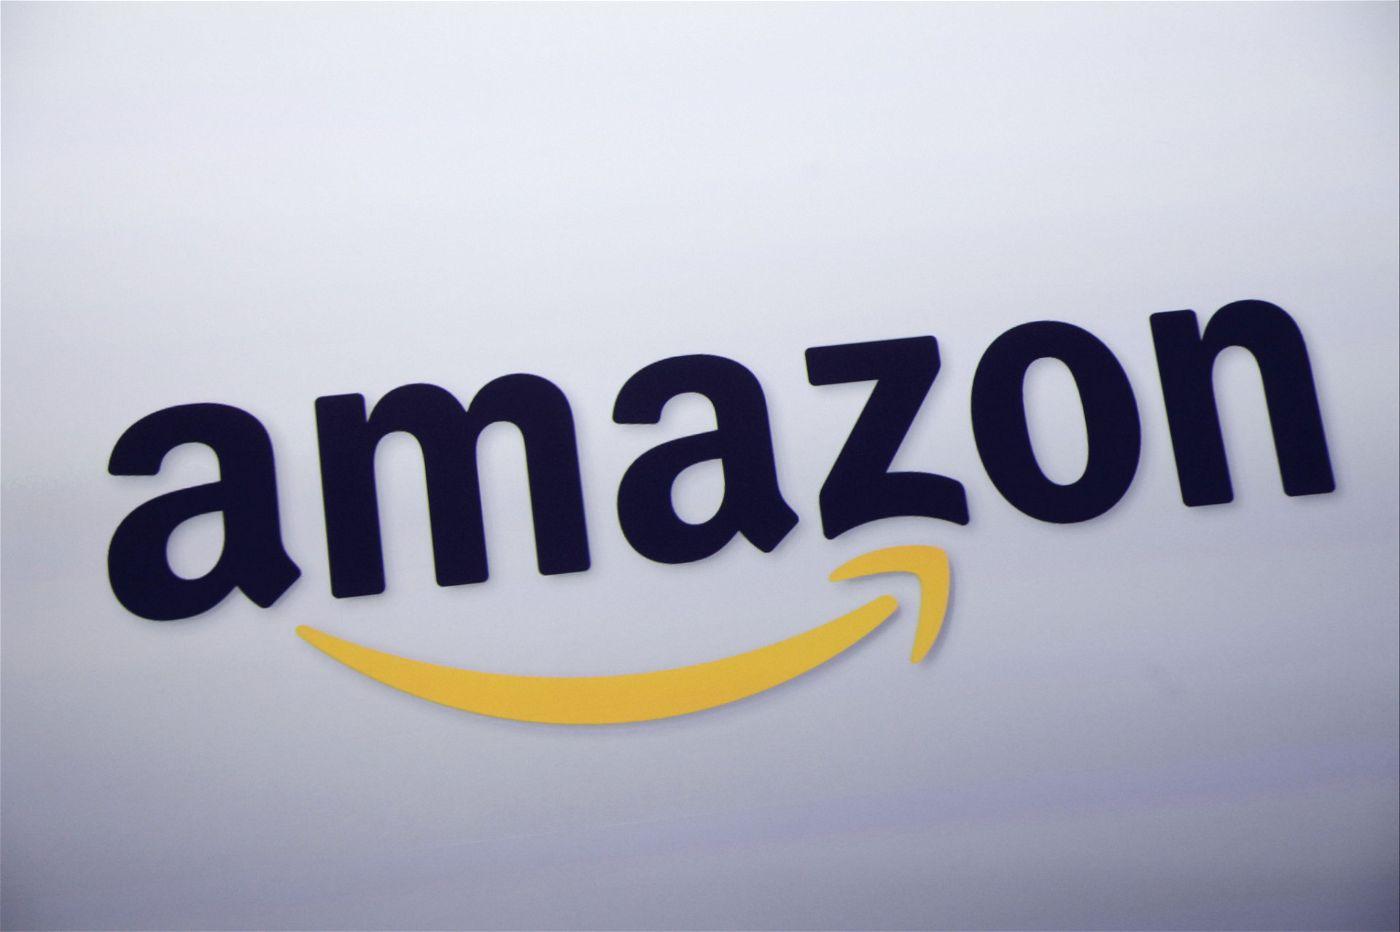 Amazon, der US-Konzern ist das wertvollste Unternehmen der Welt. Er hat das System der Internetbewertungen groß gemacht. Heute kämpft er gegen gefälschte Bewertungen - mit durchwachsenem Erfolg.